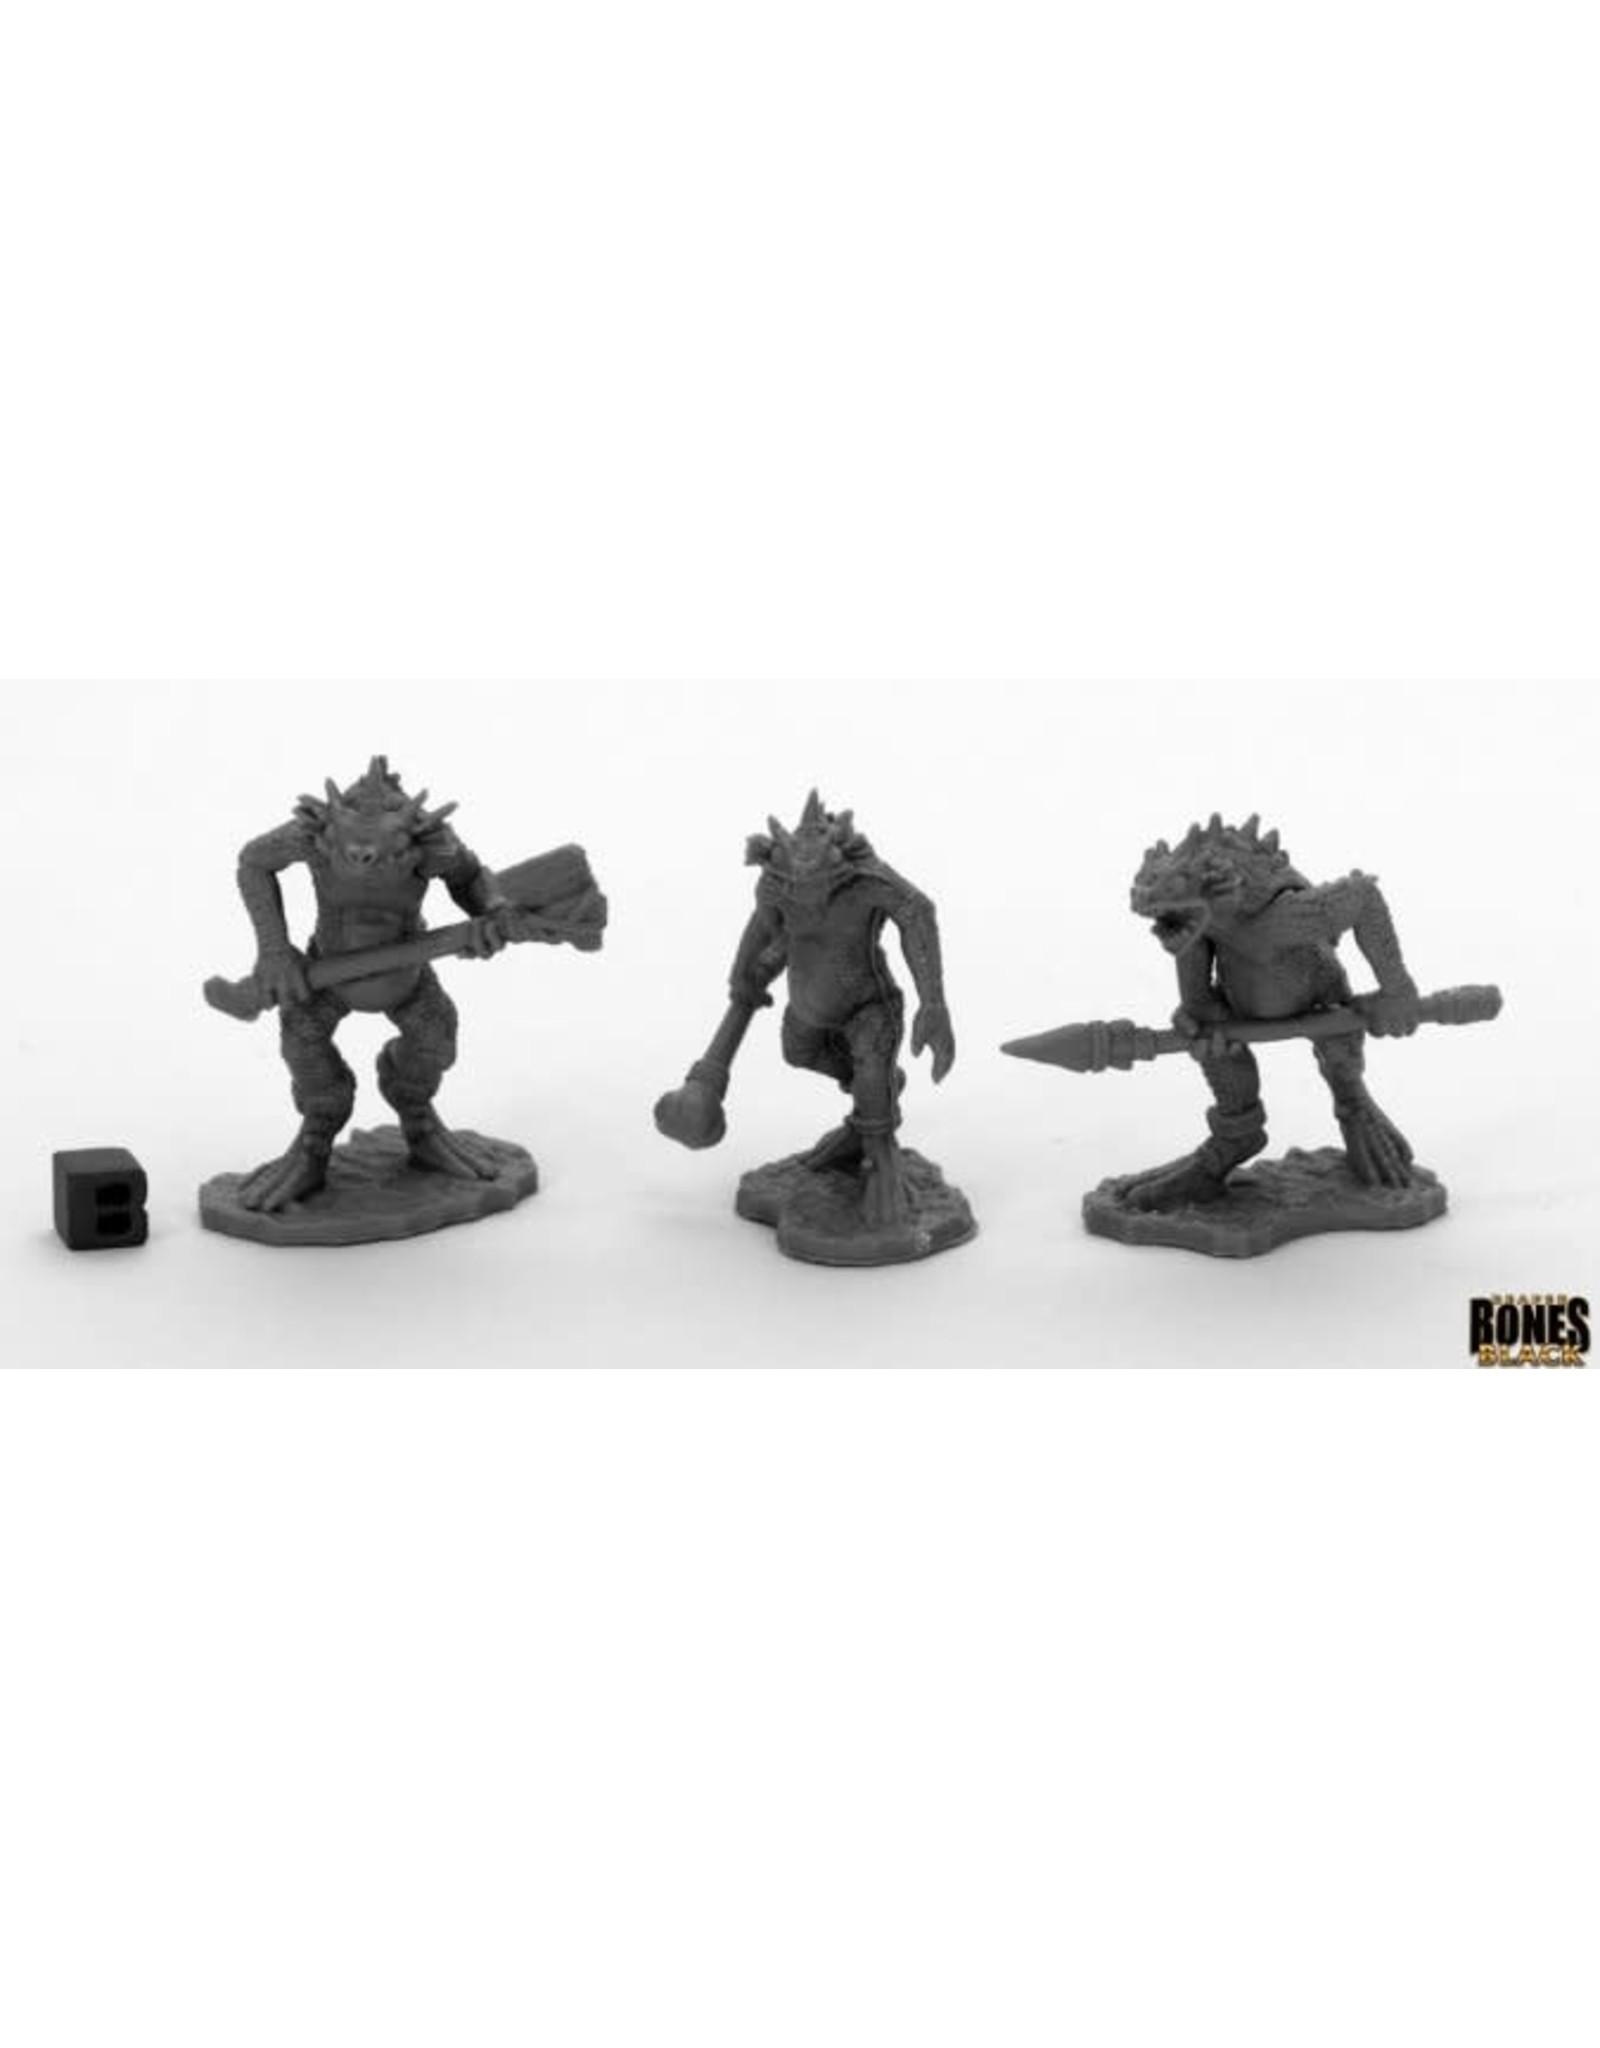 Reaper Miniatures Bones Black: Trogolodytes